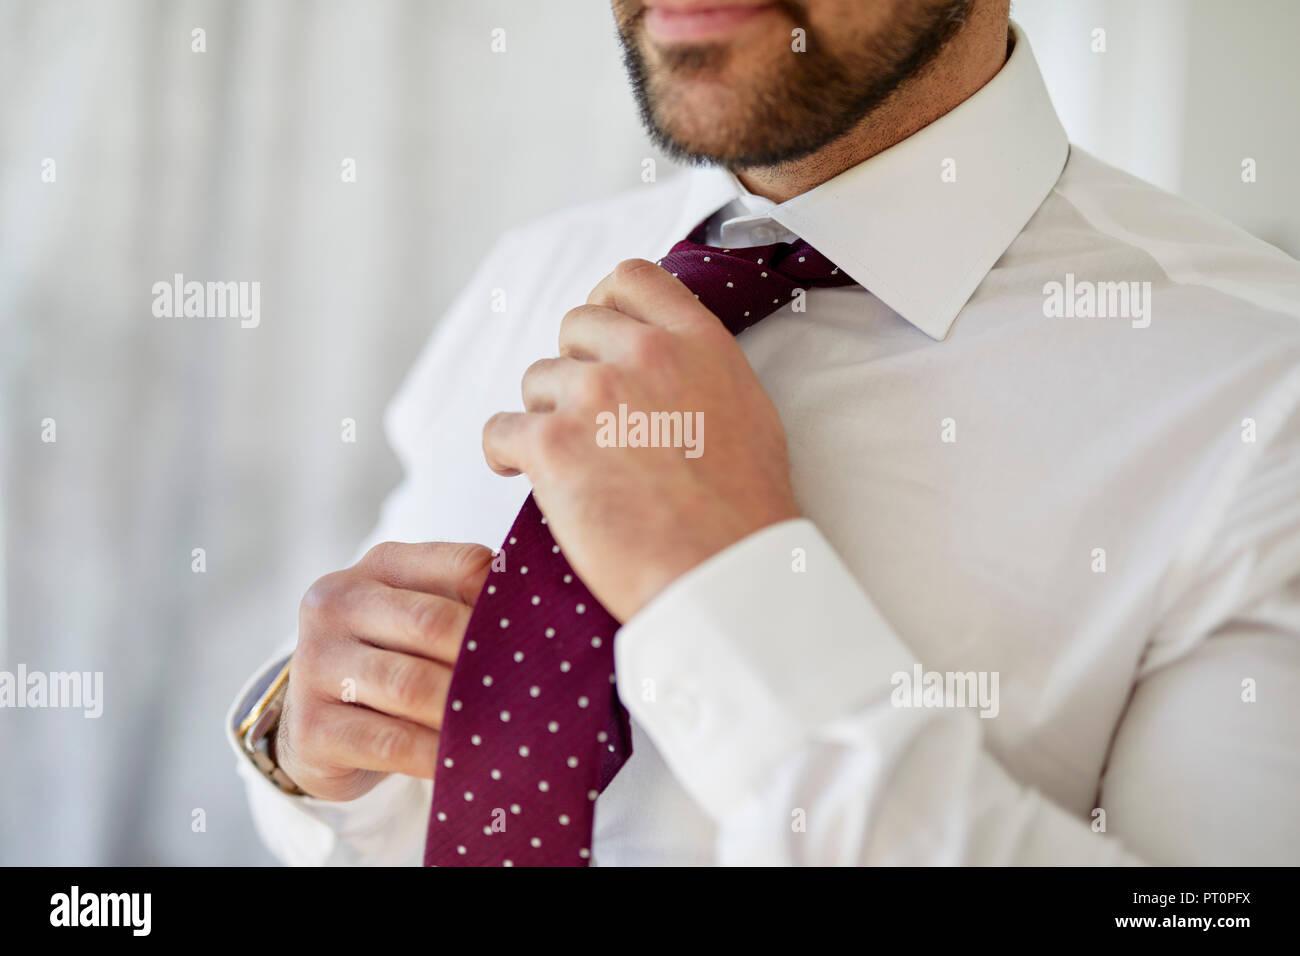 El hombre ajustando su corbata Foto de stock